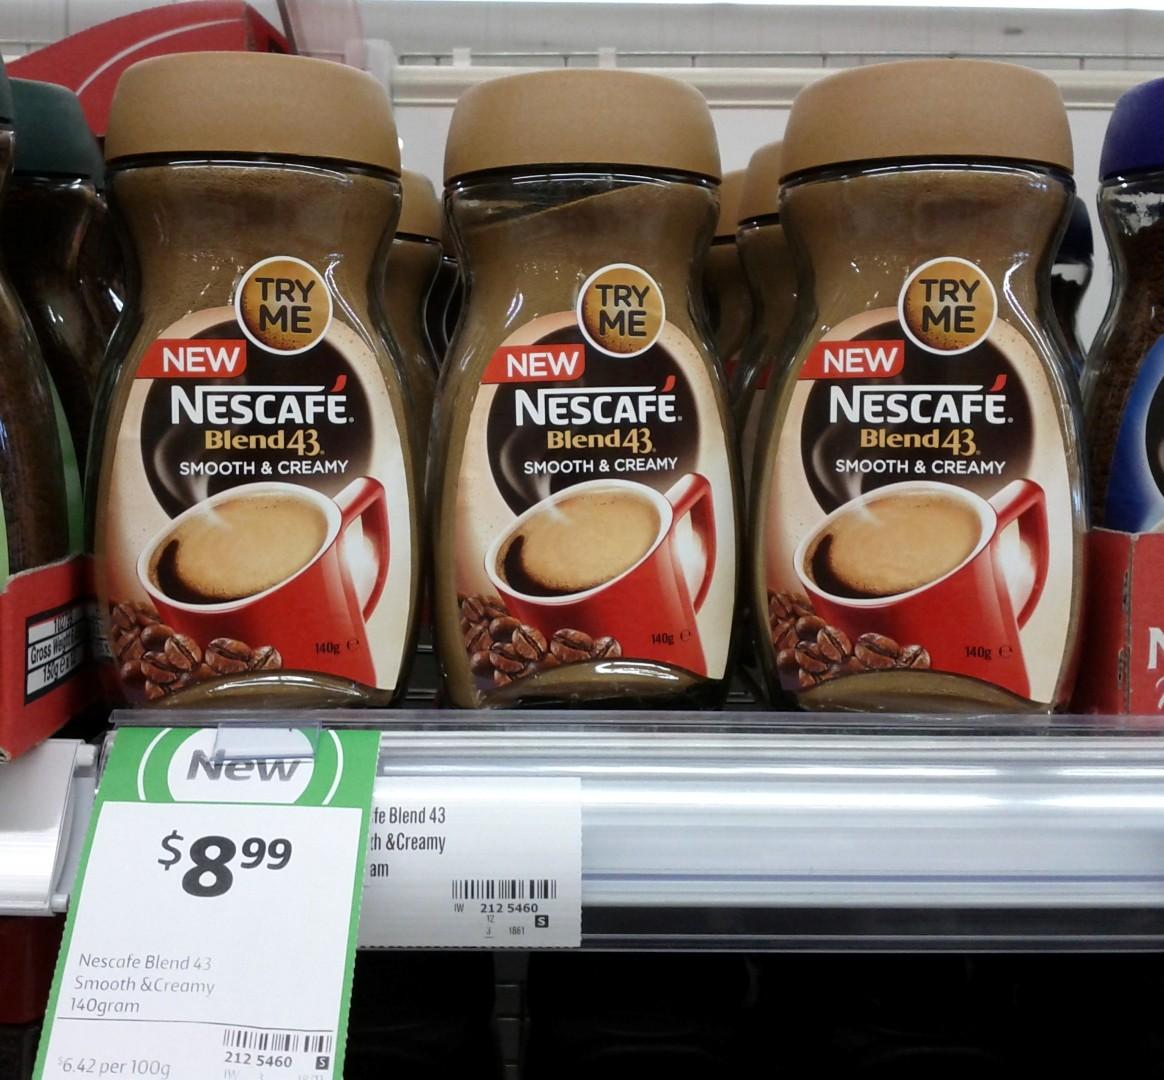 Nescafe 140g Blend 43